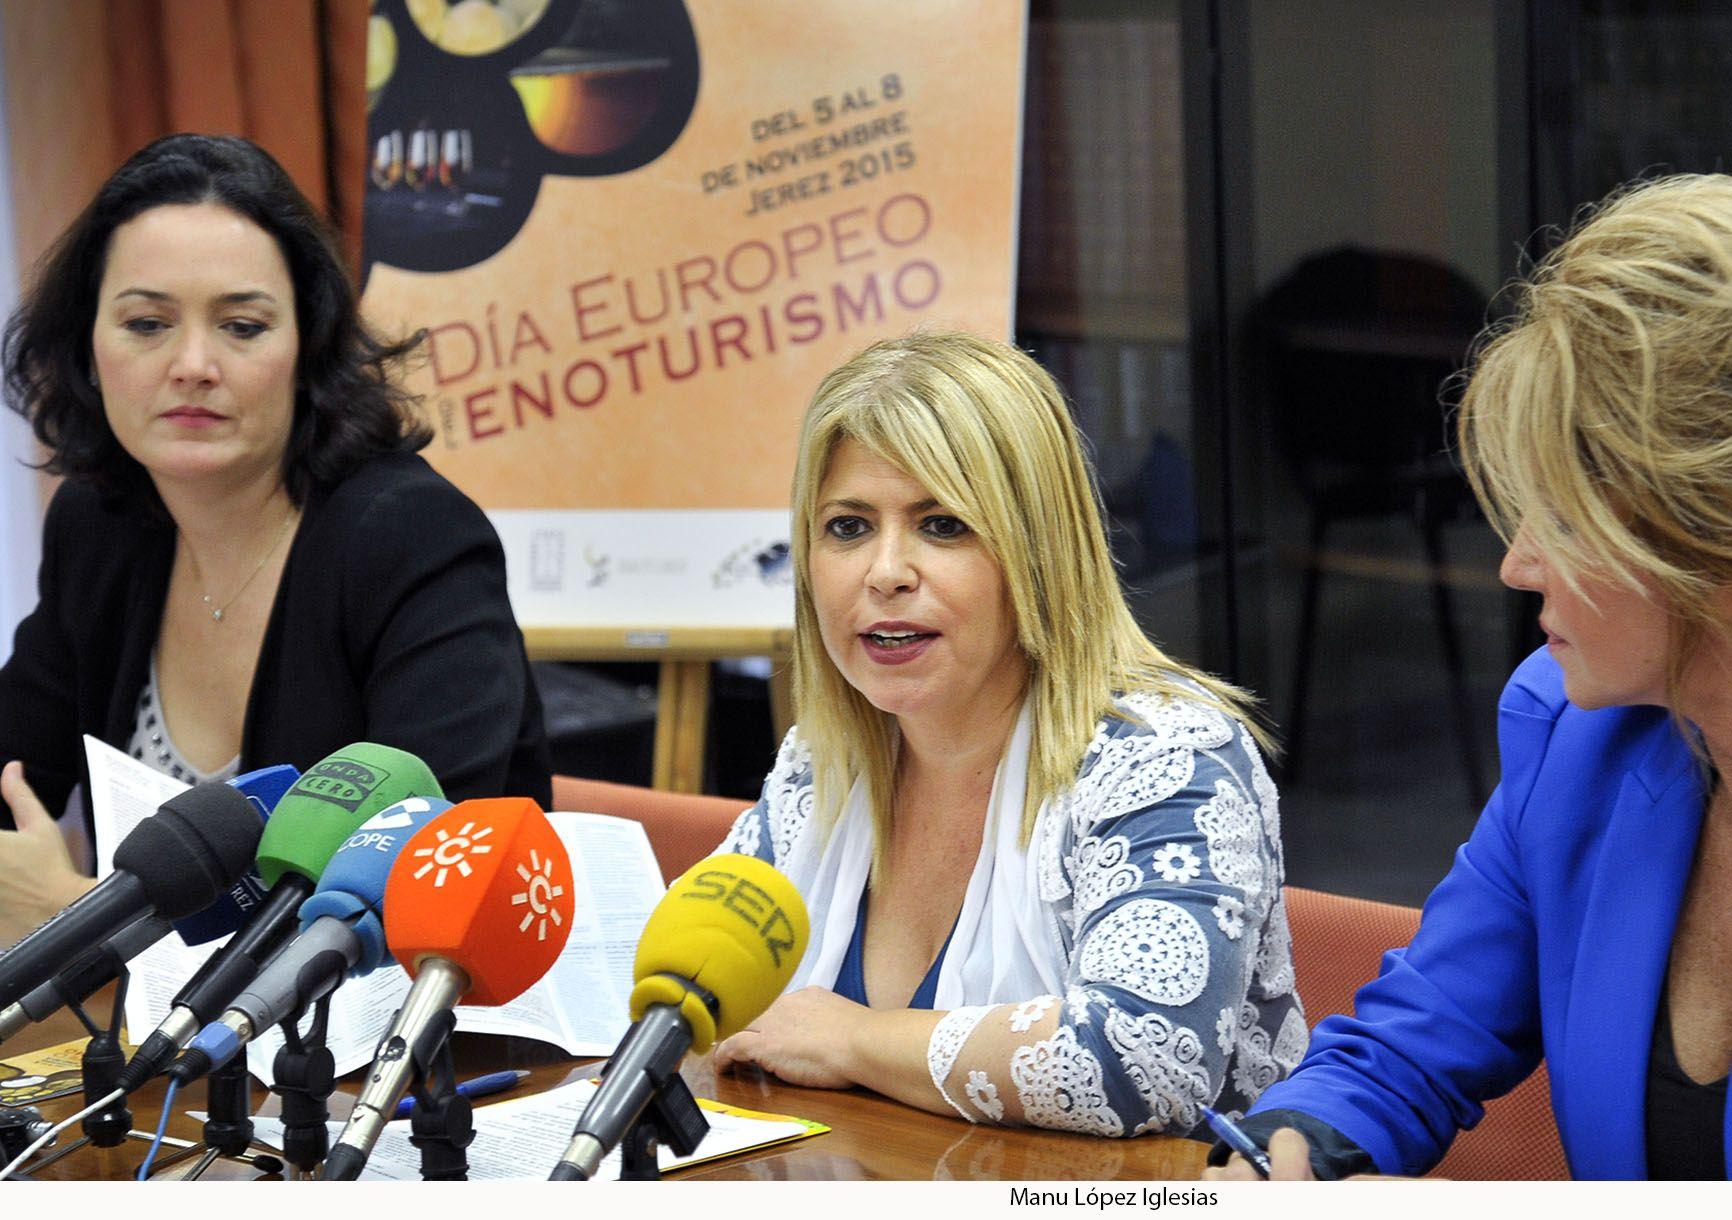 Mamen Sánchez presentando el Día Europeo del Enoturismo.